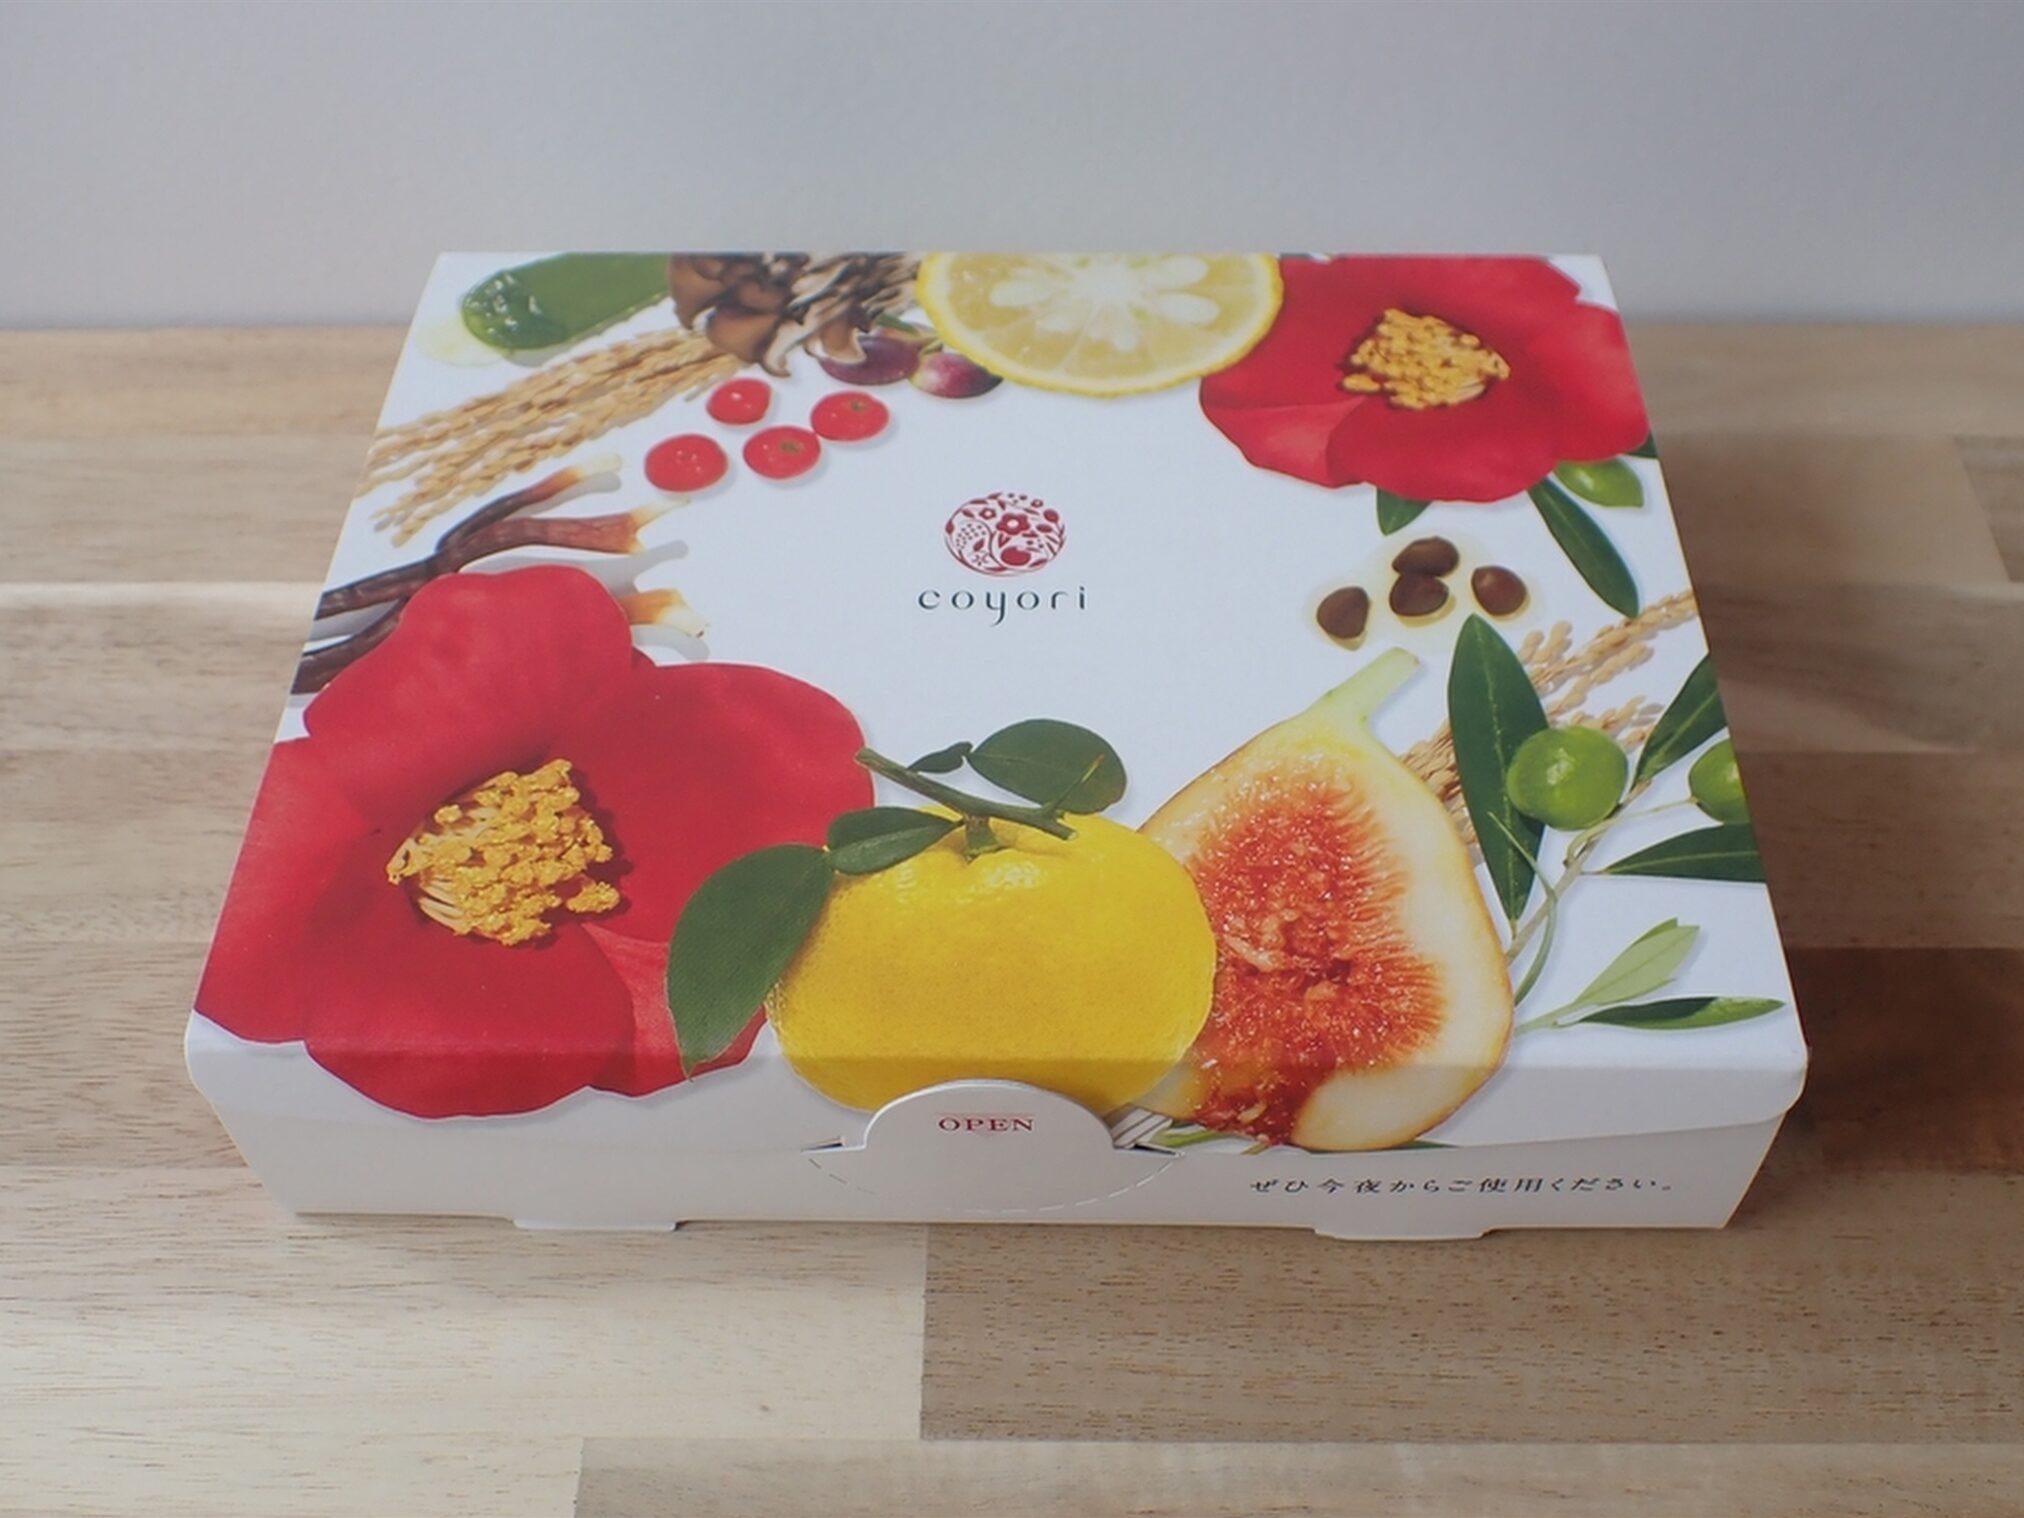 可愛いパッケージで届きます Coyoriトライアルセット 14日間ハリツヤ体験セット 株式会社JIMOS